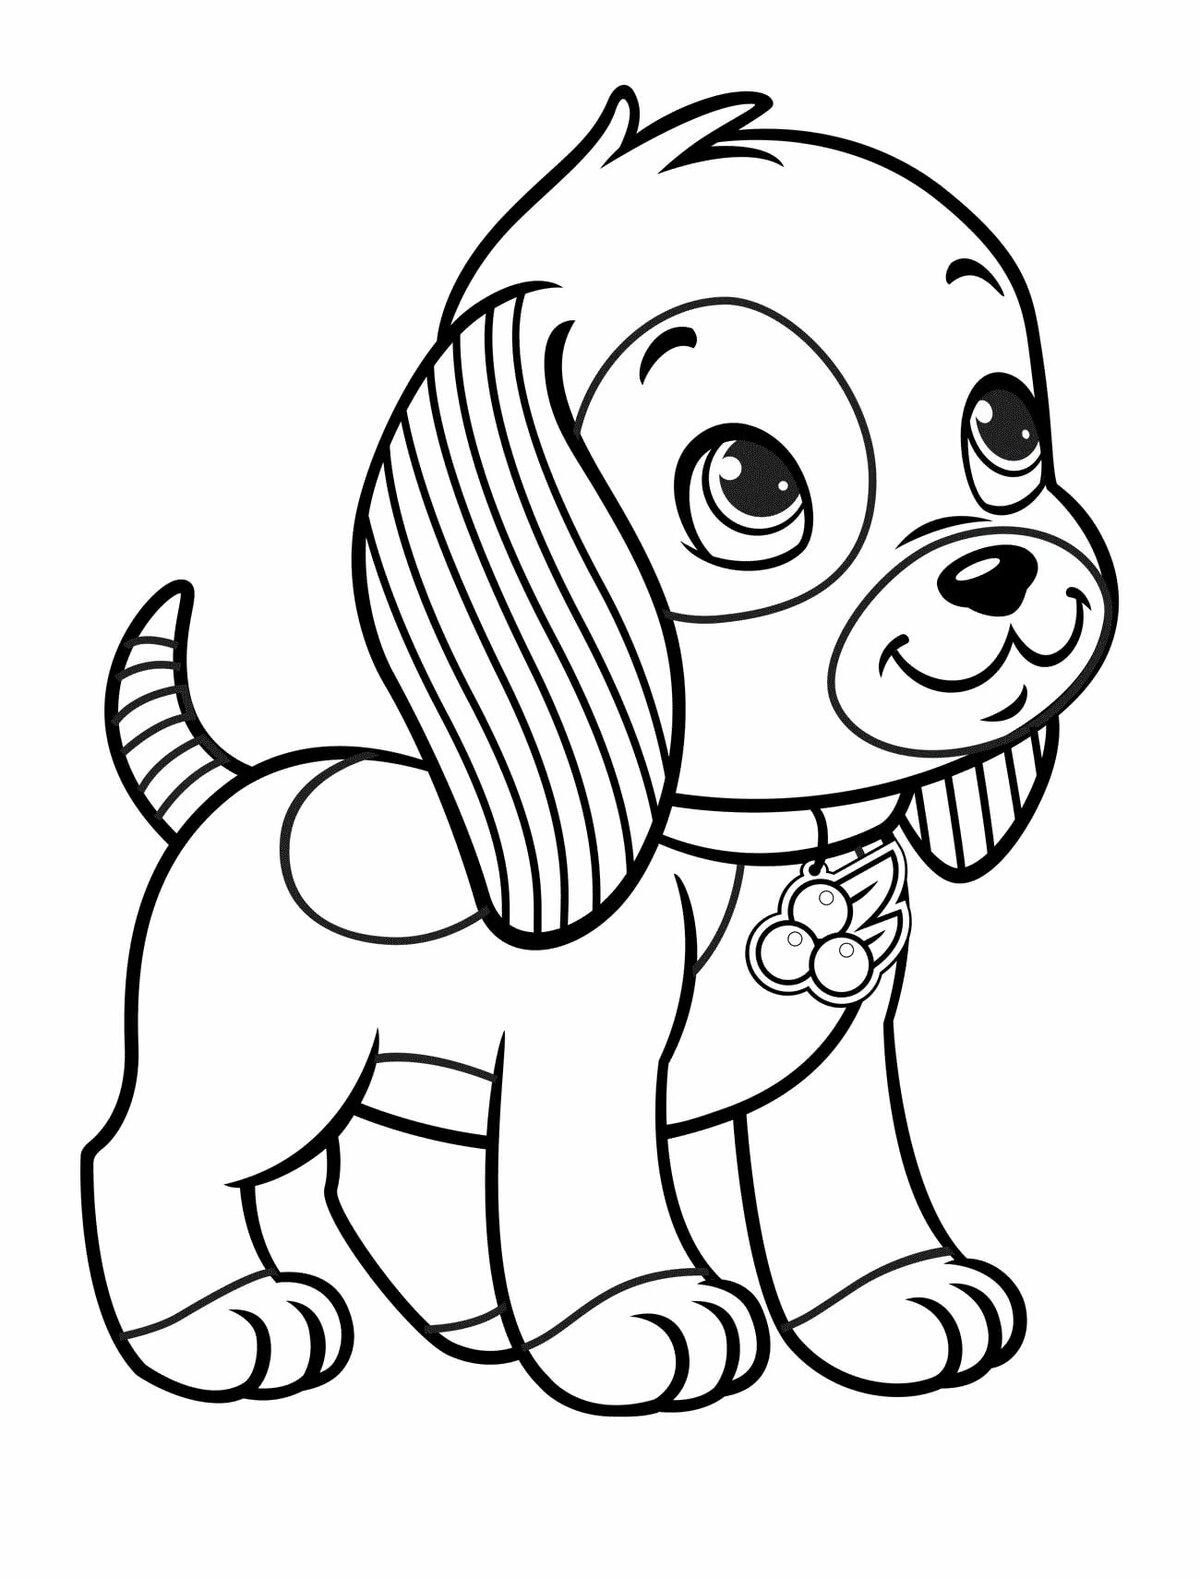 его картинки про собак для распечатки показать